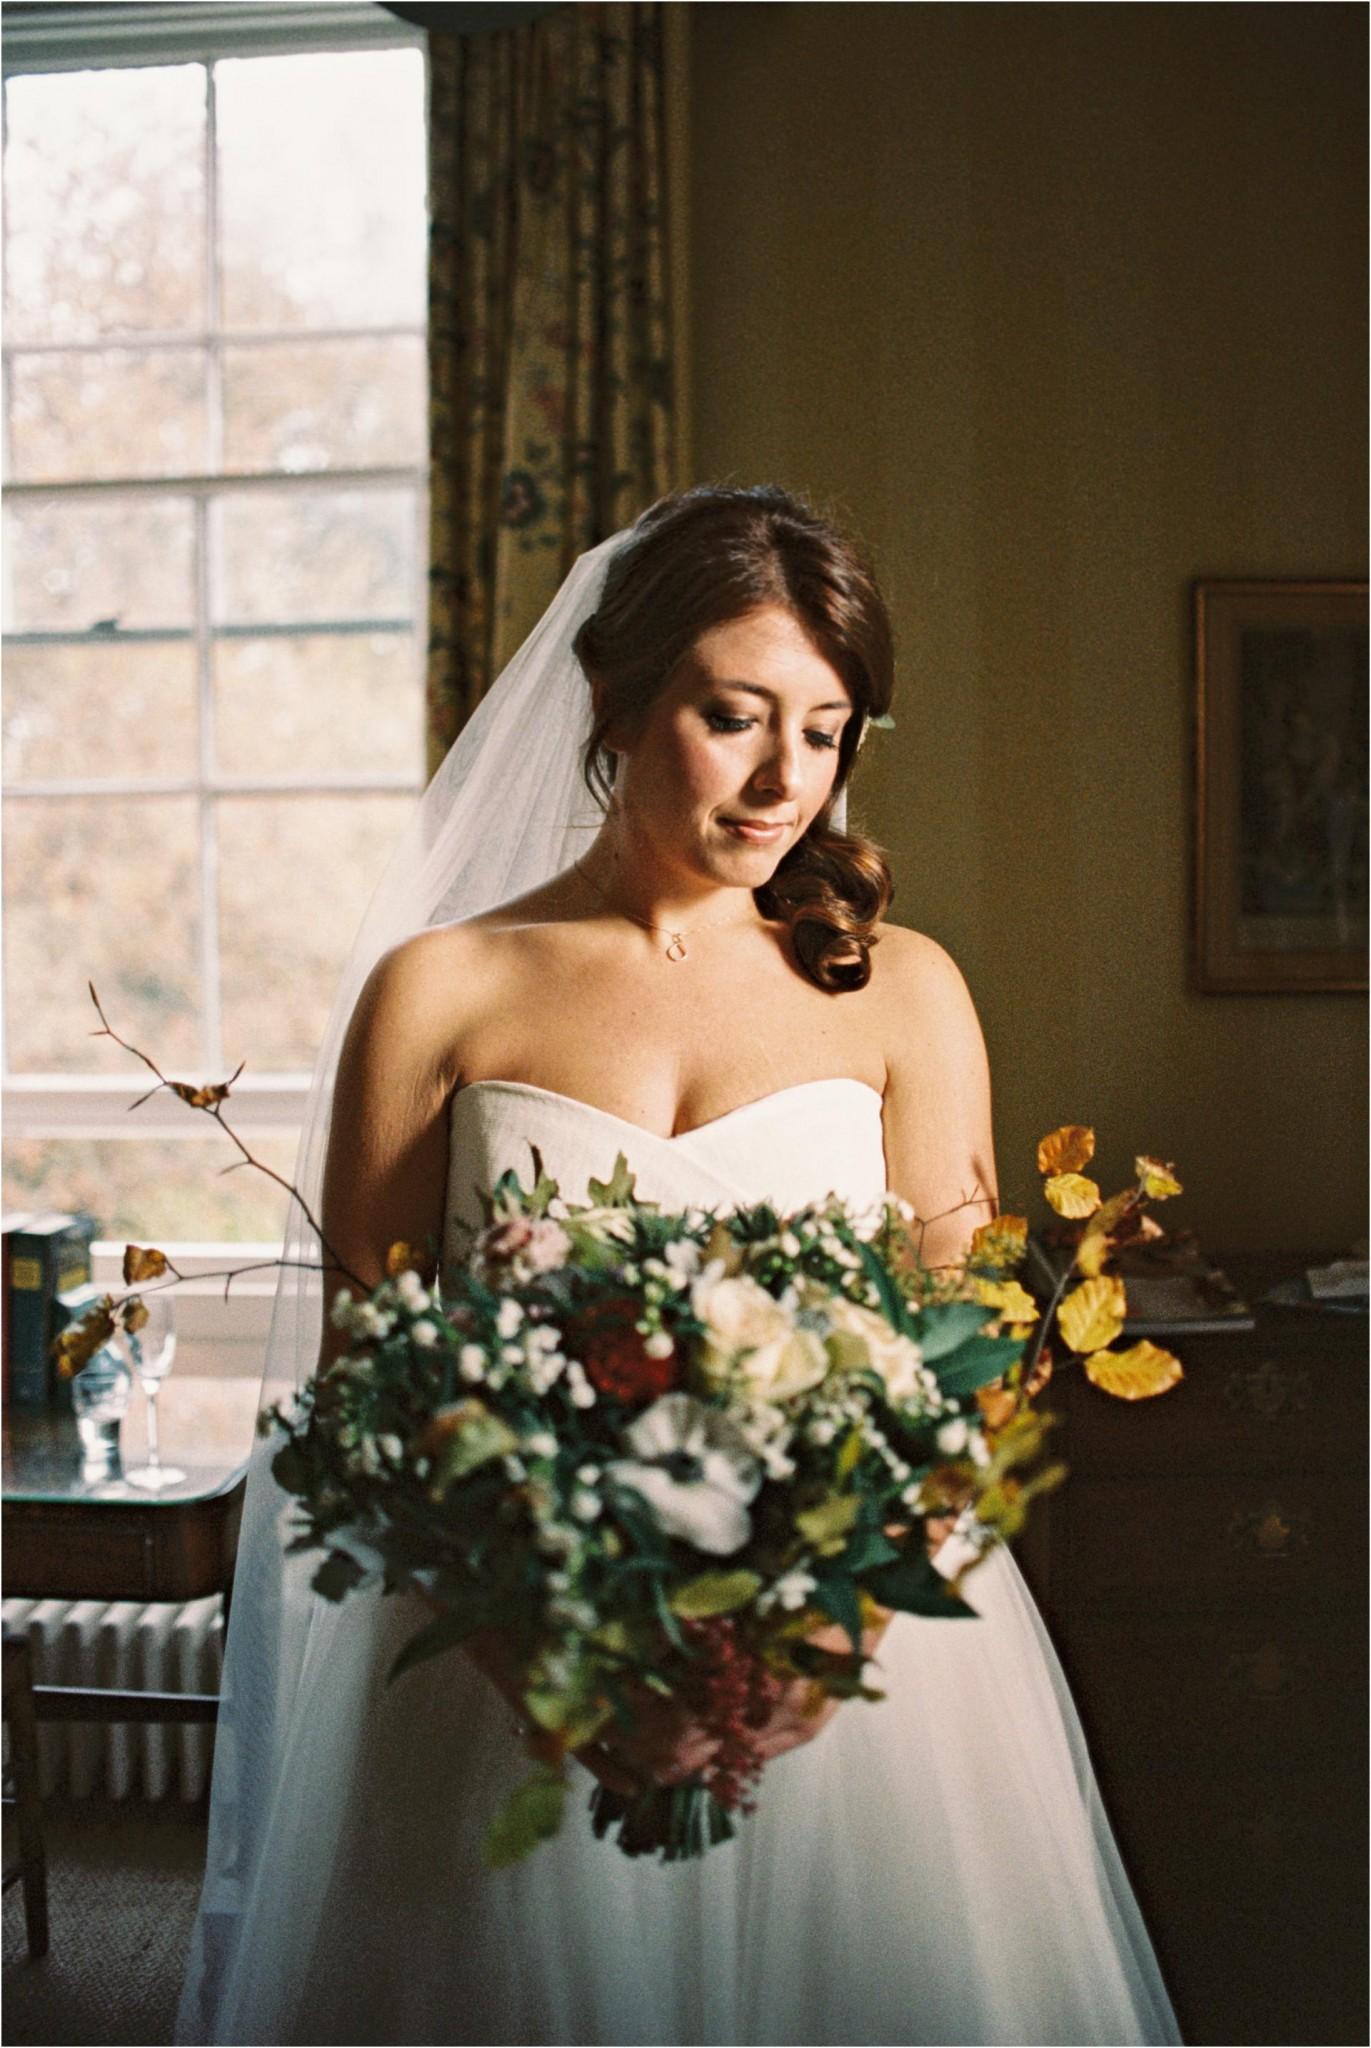 weddingsonfilmphotosbyzoe9